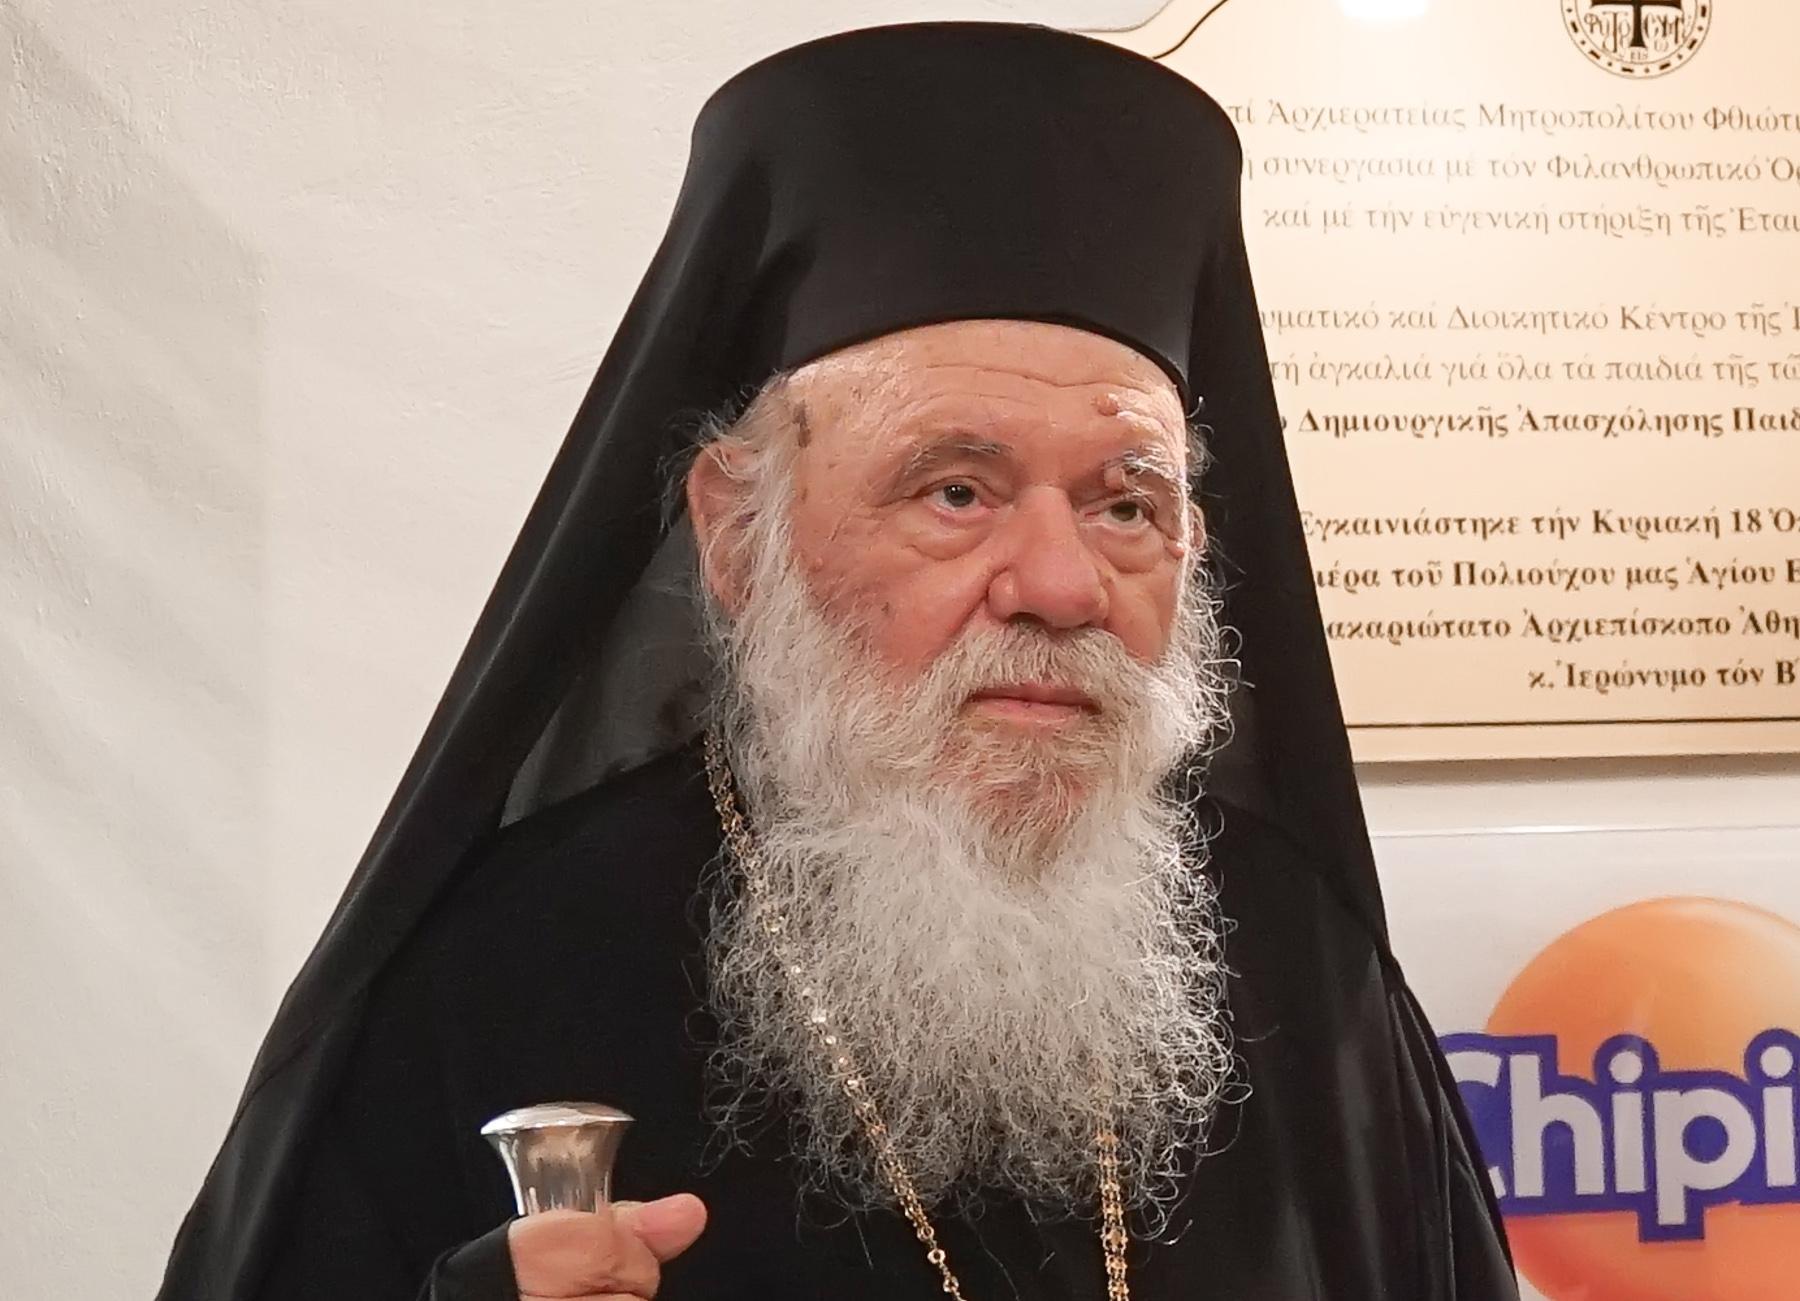 Αρχιεπίσκοπος Ιερώνυμος: Συνεχίζει τη μάχη με τον κορονοϊό – Το νέο ιατρικό ανακοινωθέν